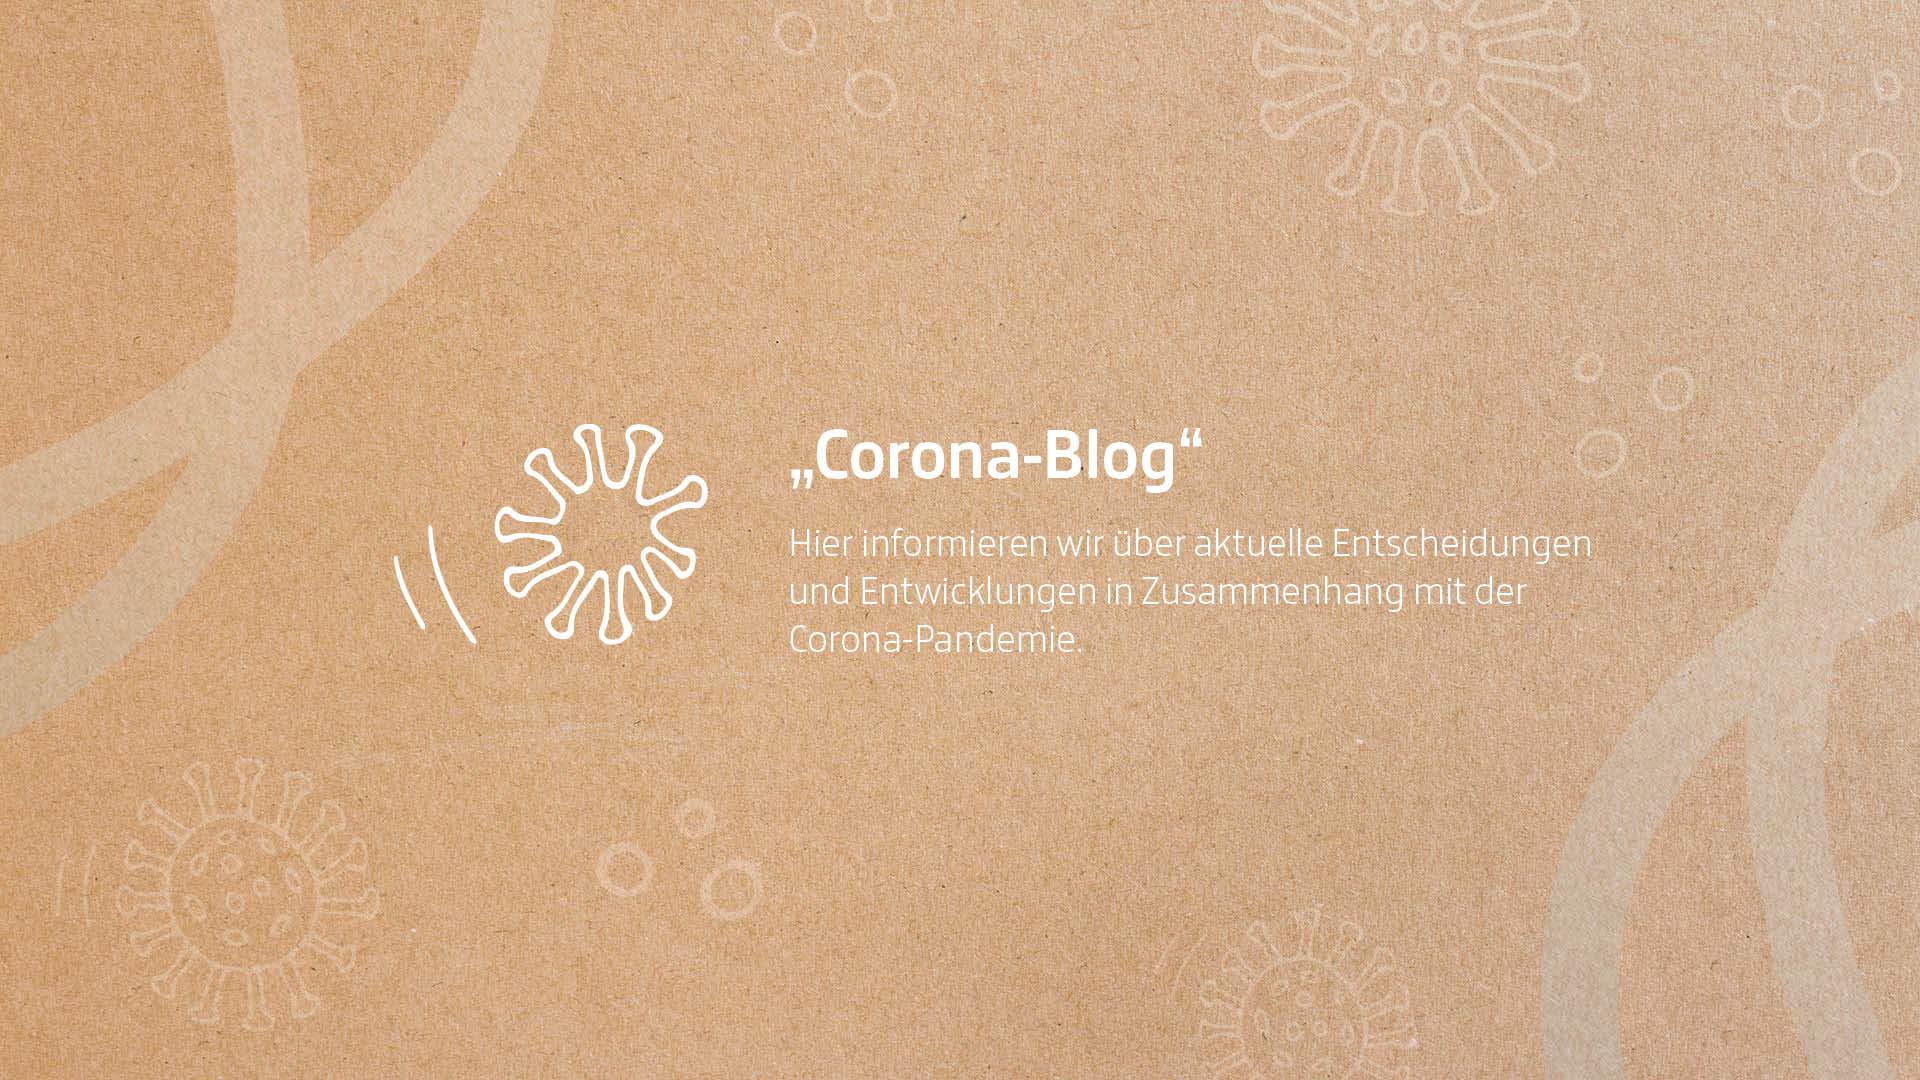 Corona-Blog